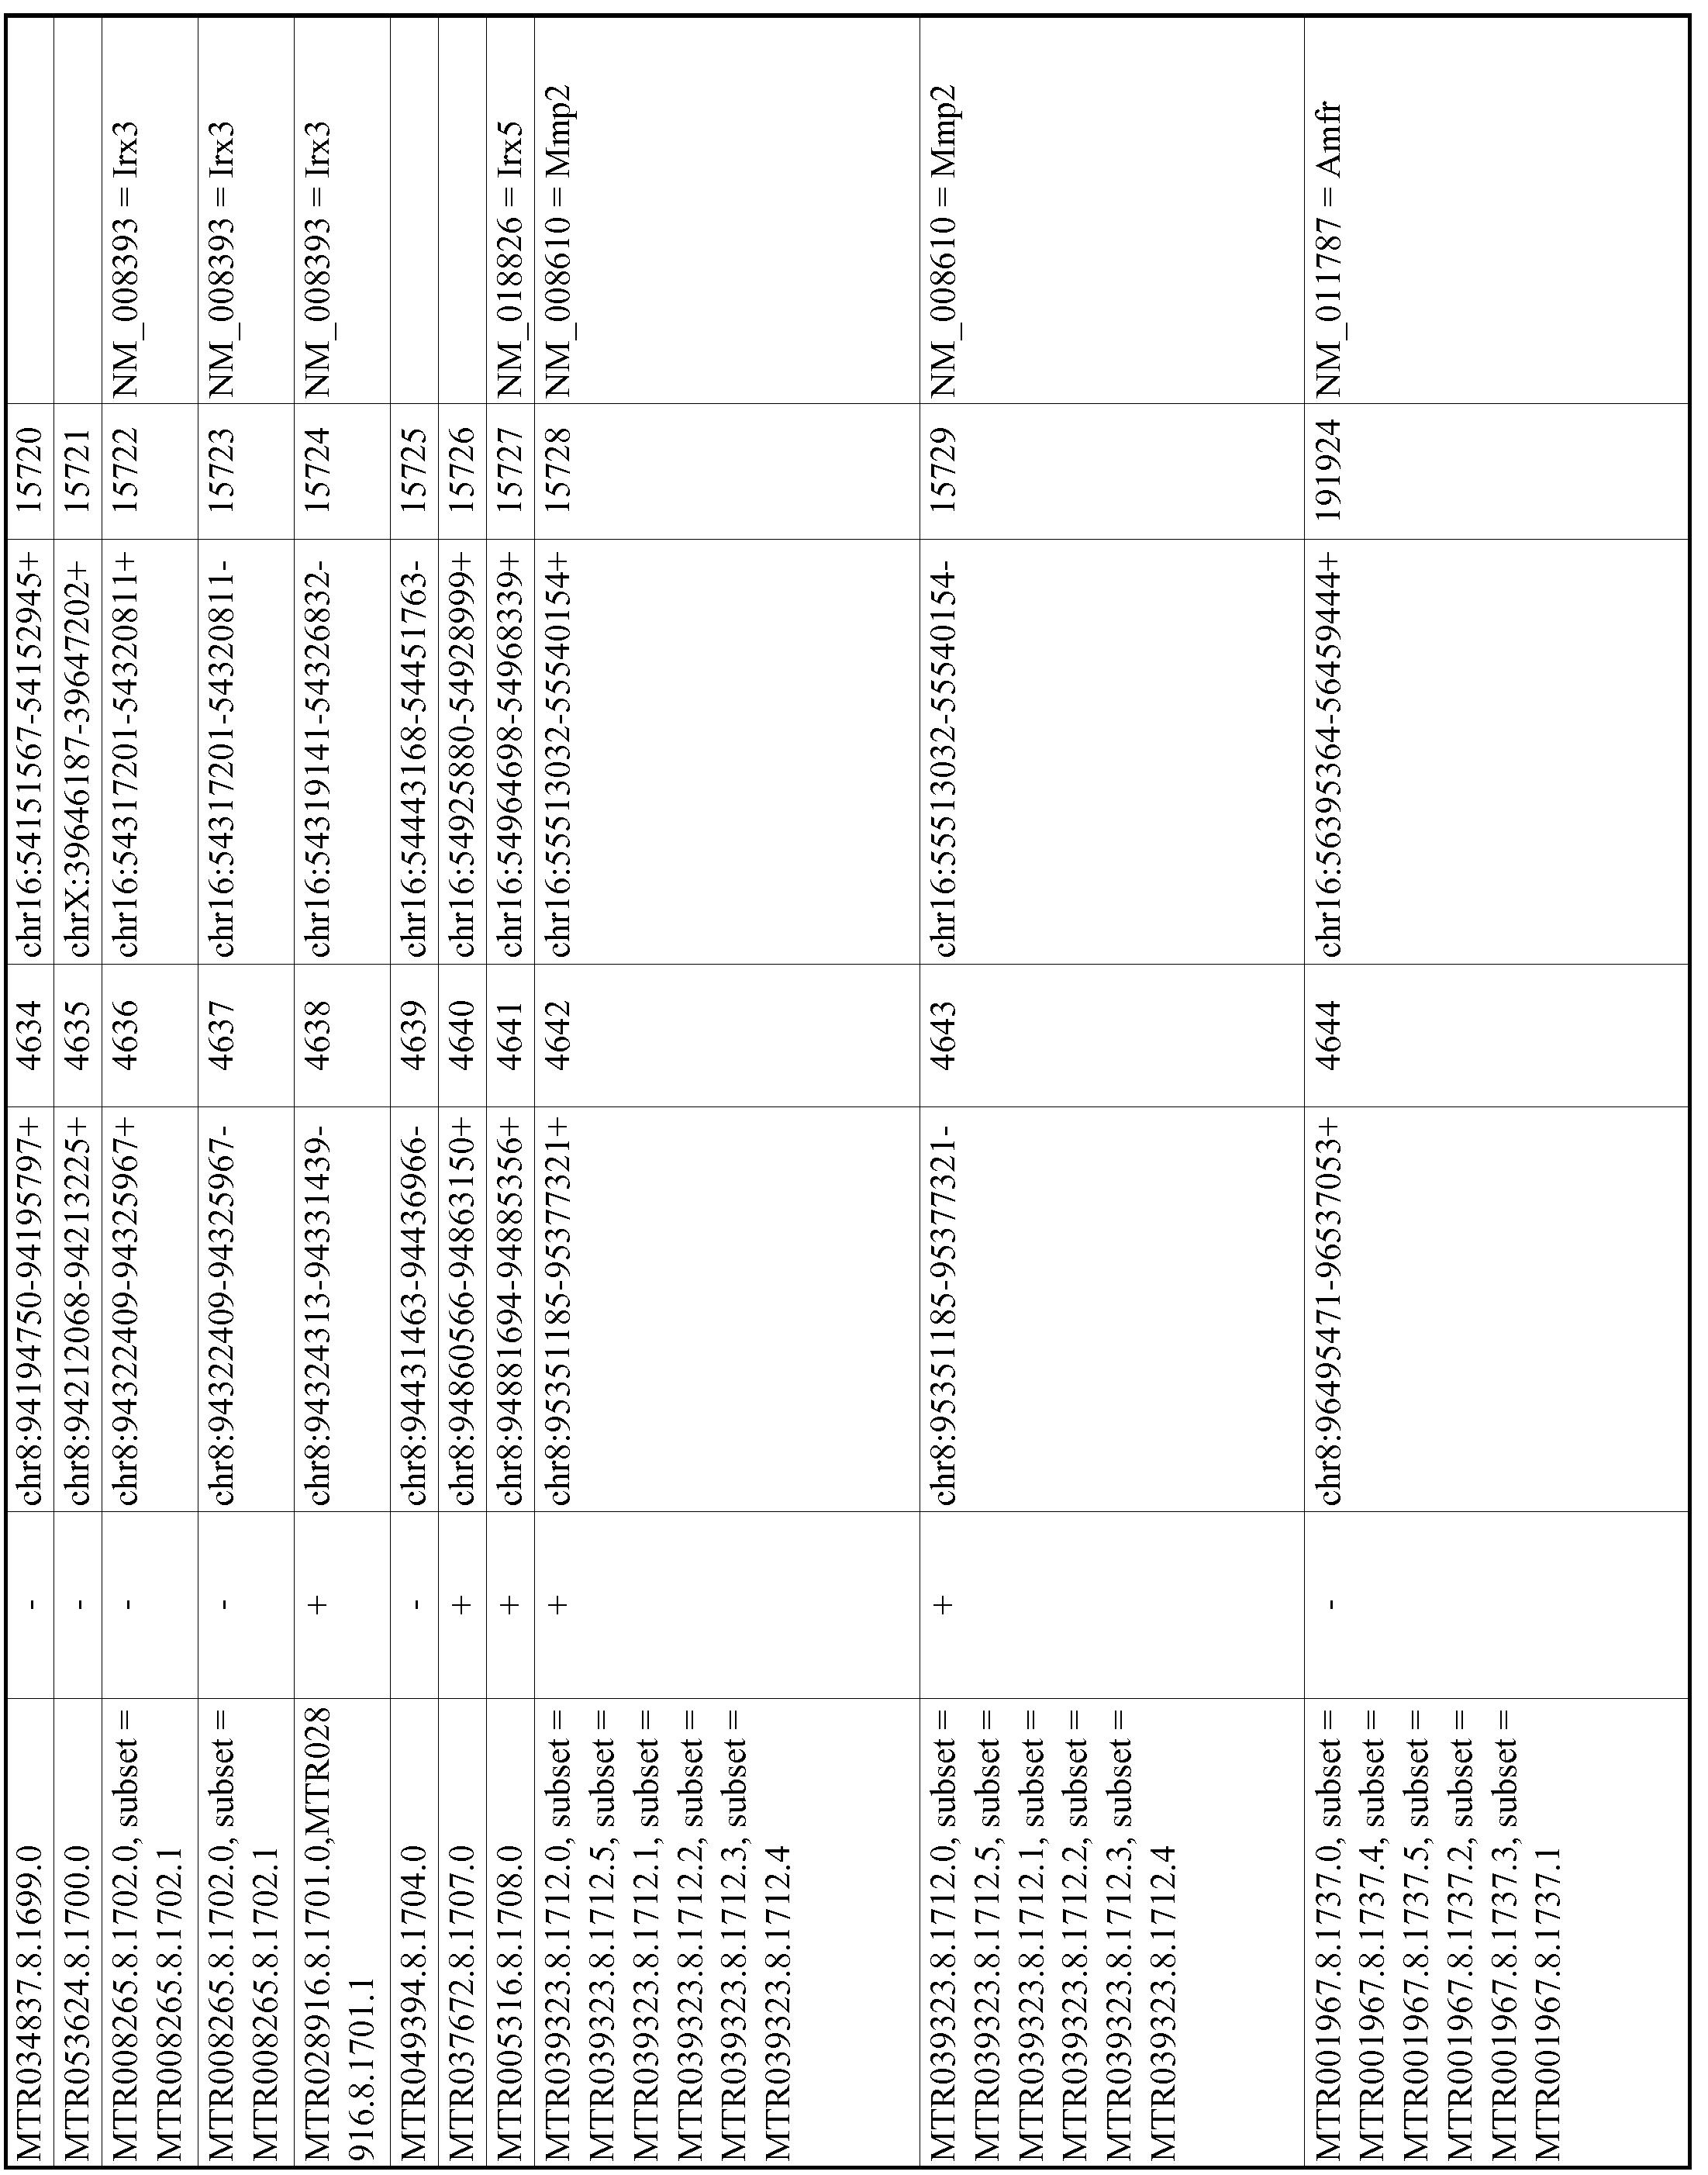 Figure imgf000861_0001